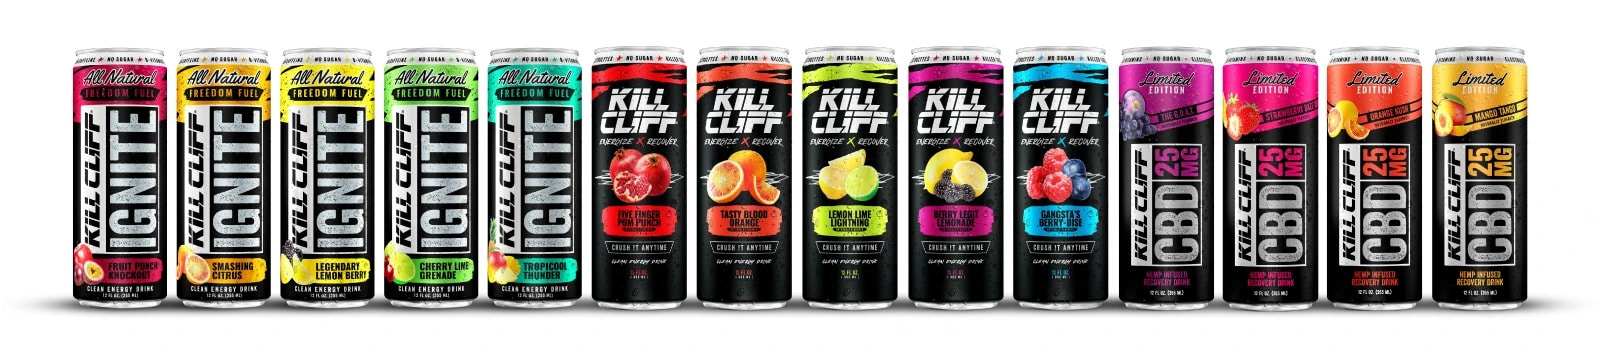 kill cliffs energy dirnks